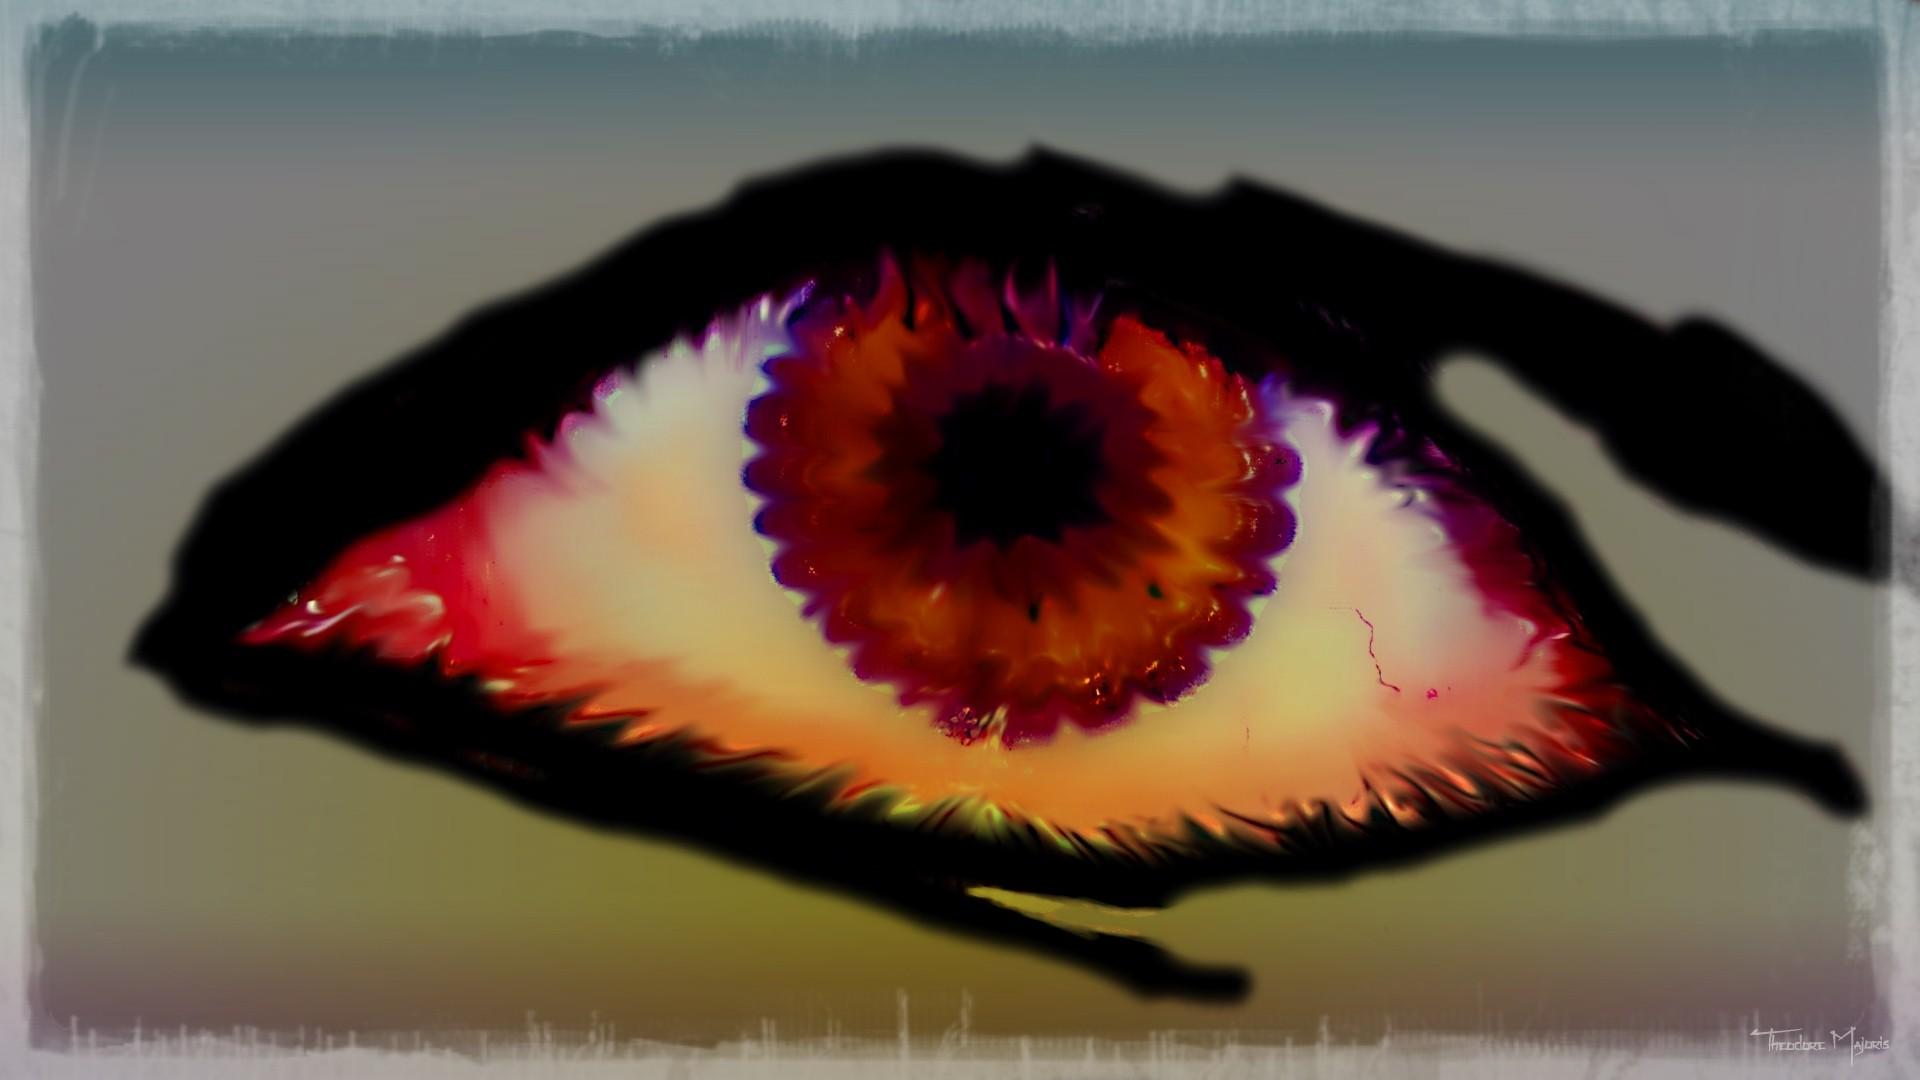 Fond Décran La Peinture Les Yeux Iris Couleur Fleur œil